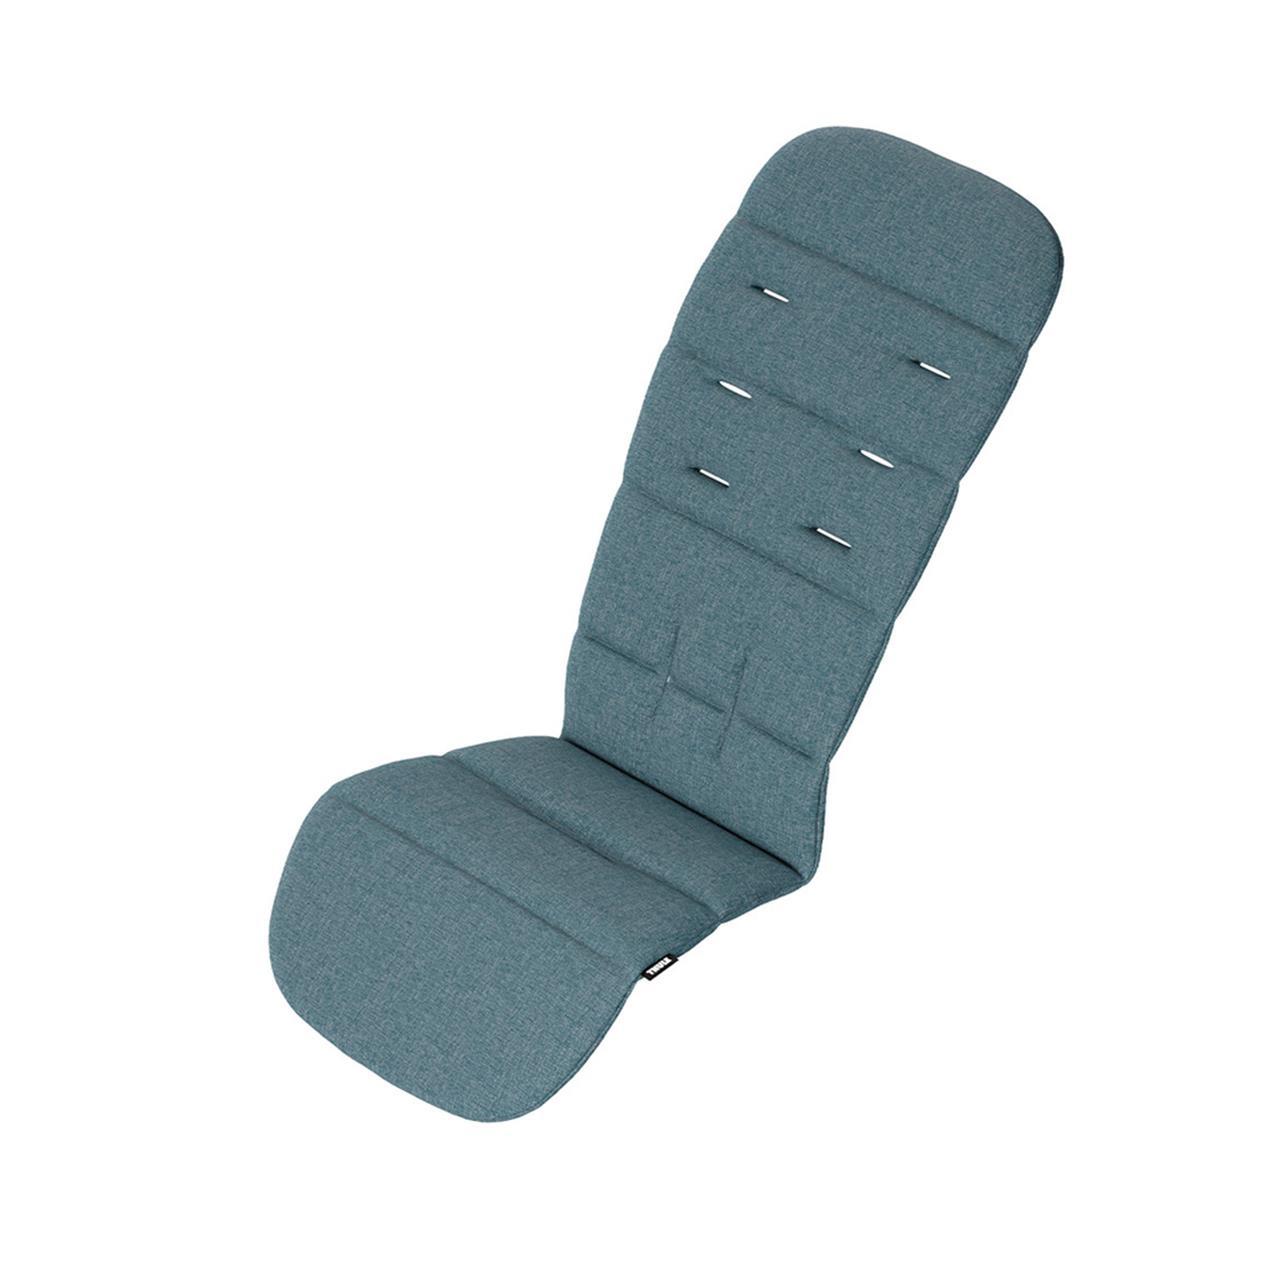 Accesoriu Thule Seat Liner - captuseala pentru scaun carucior Thule Sleek si Thule Spring - Teal Melange imagine